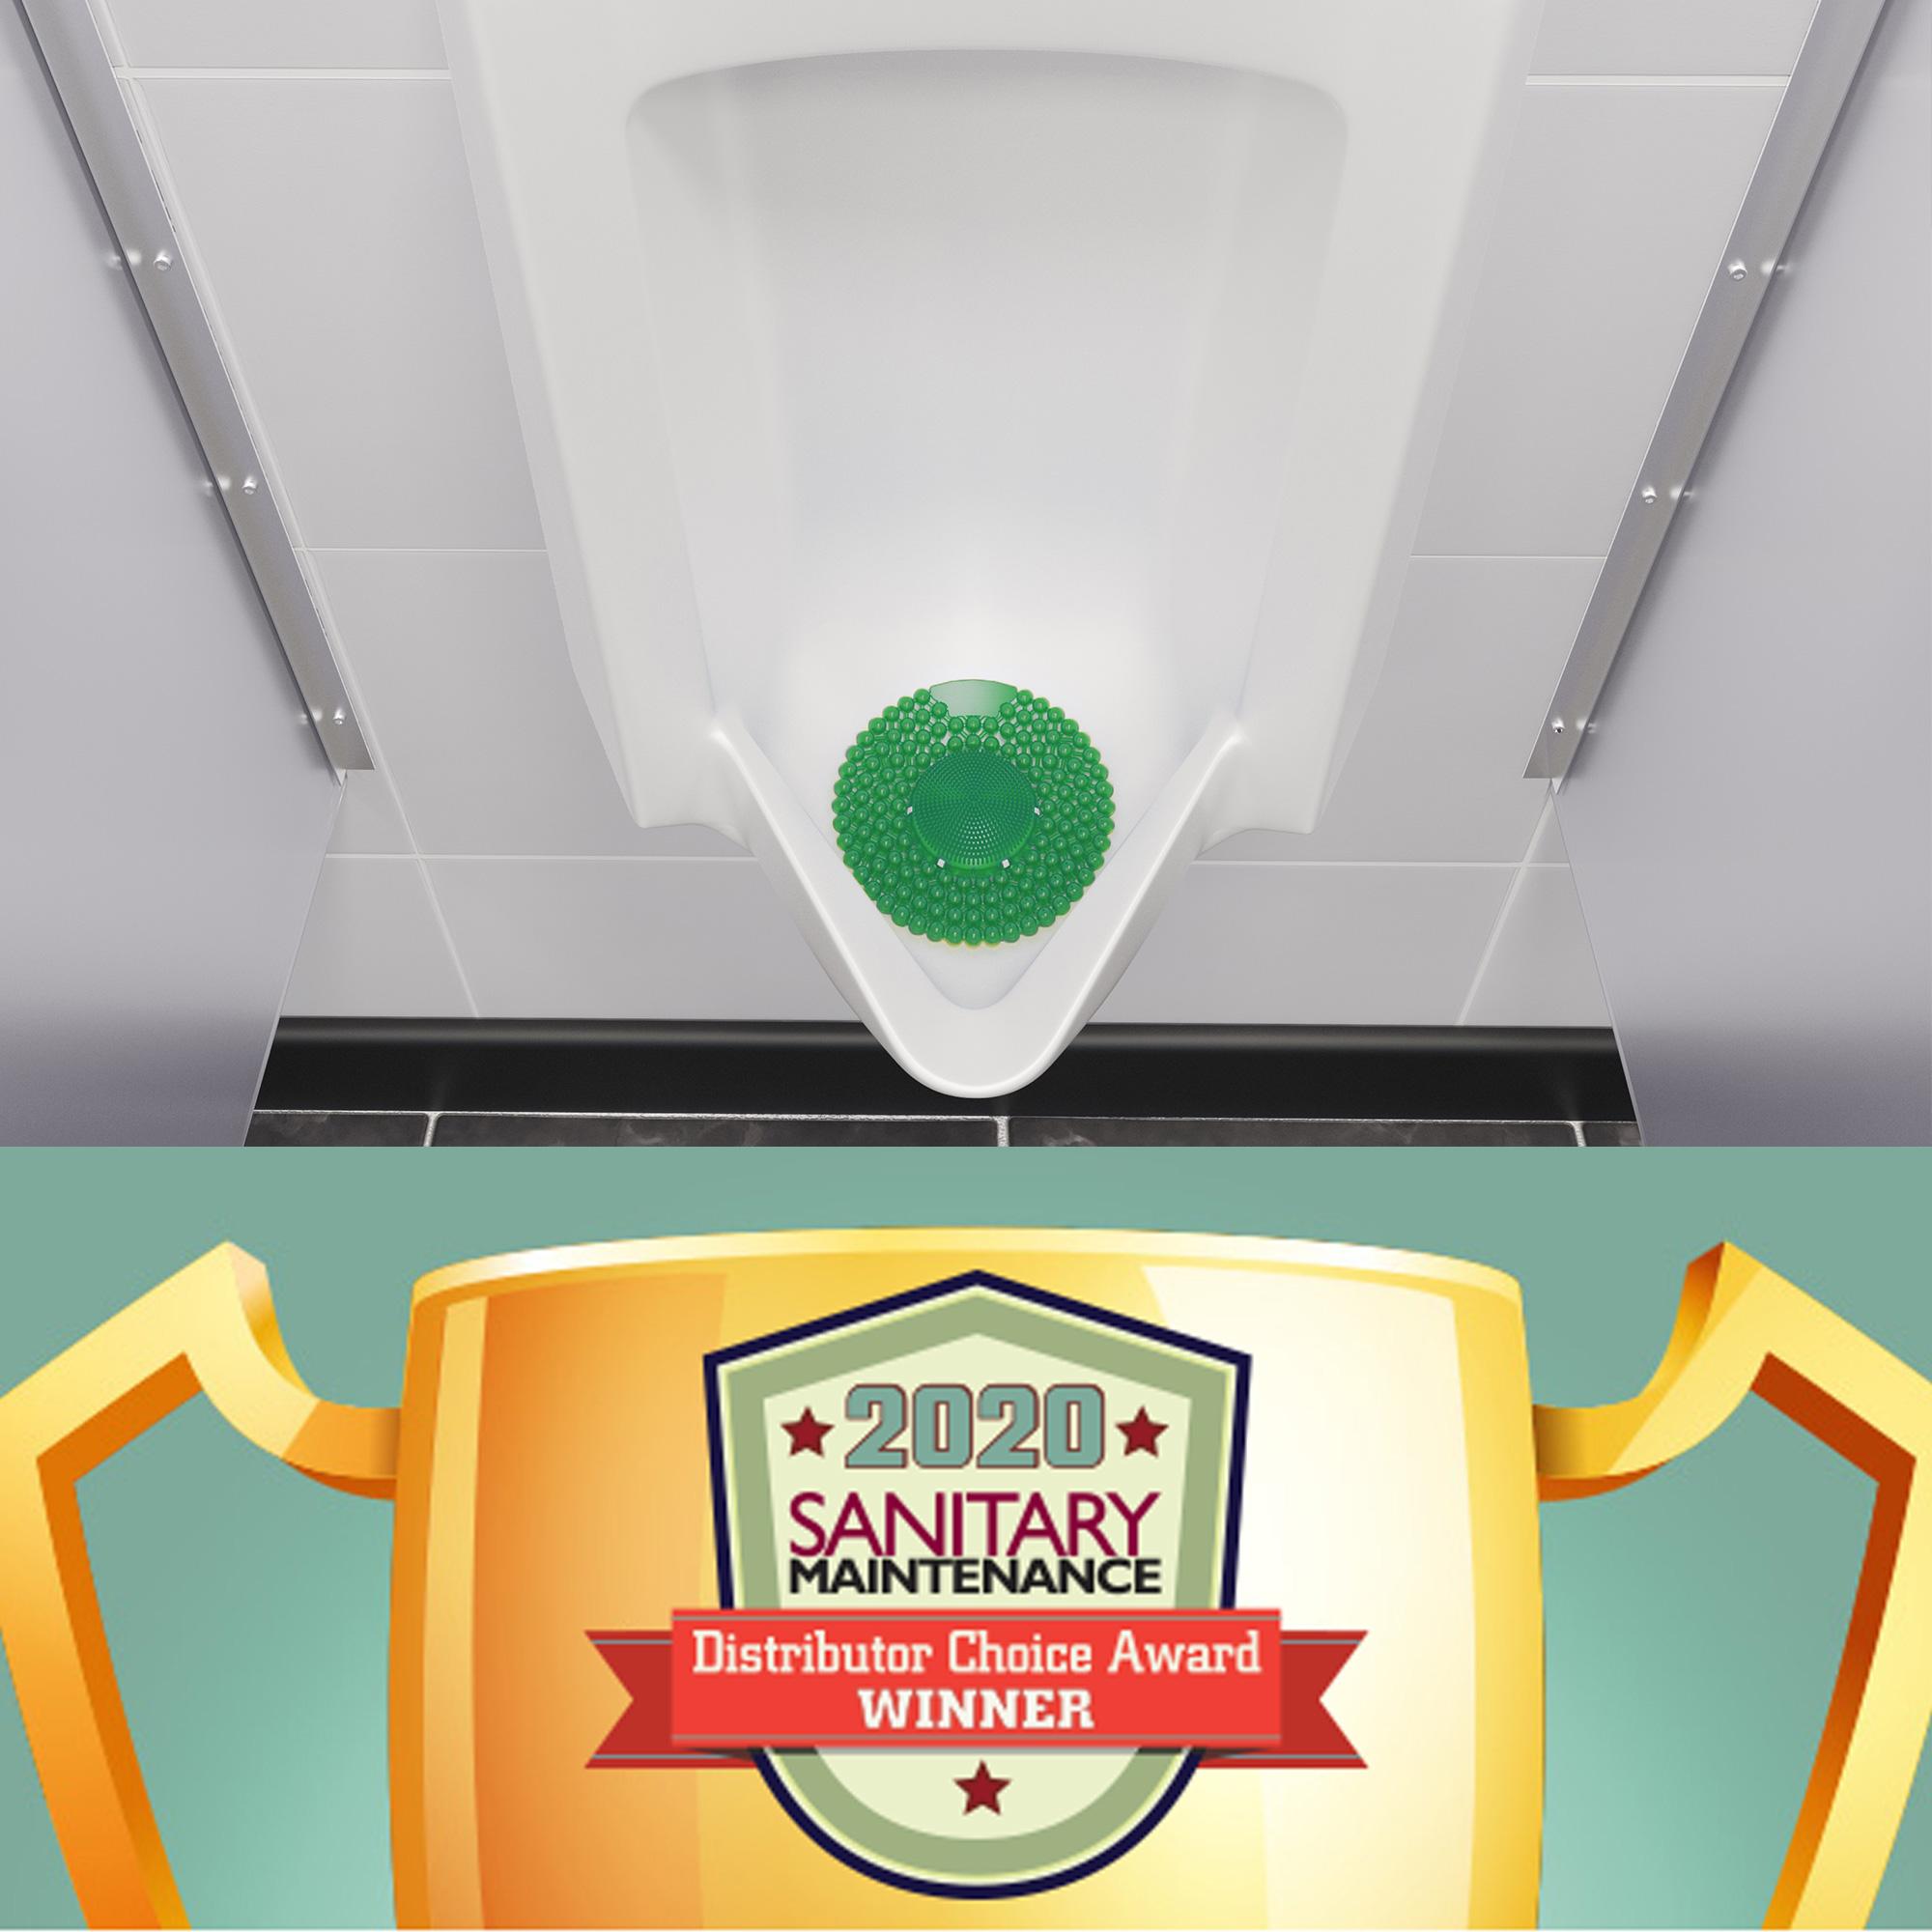 Improved restroom hygiene